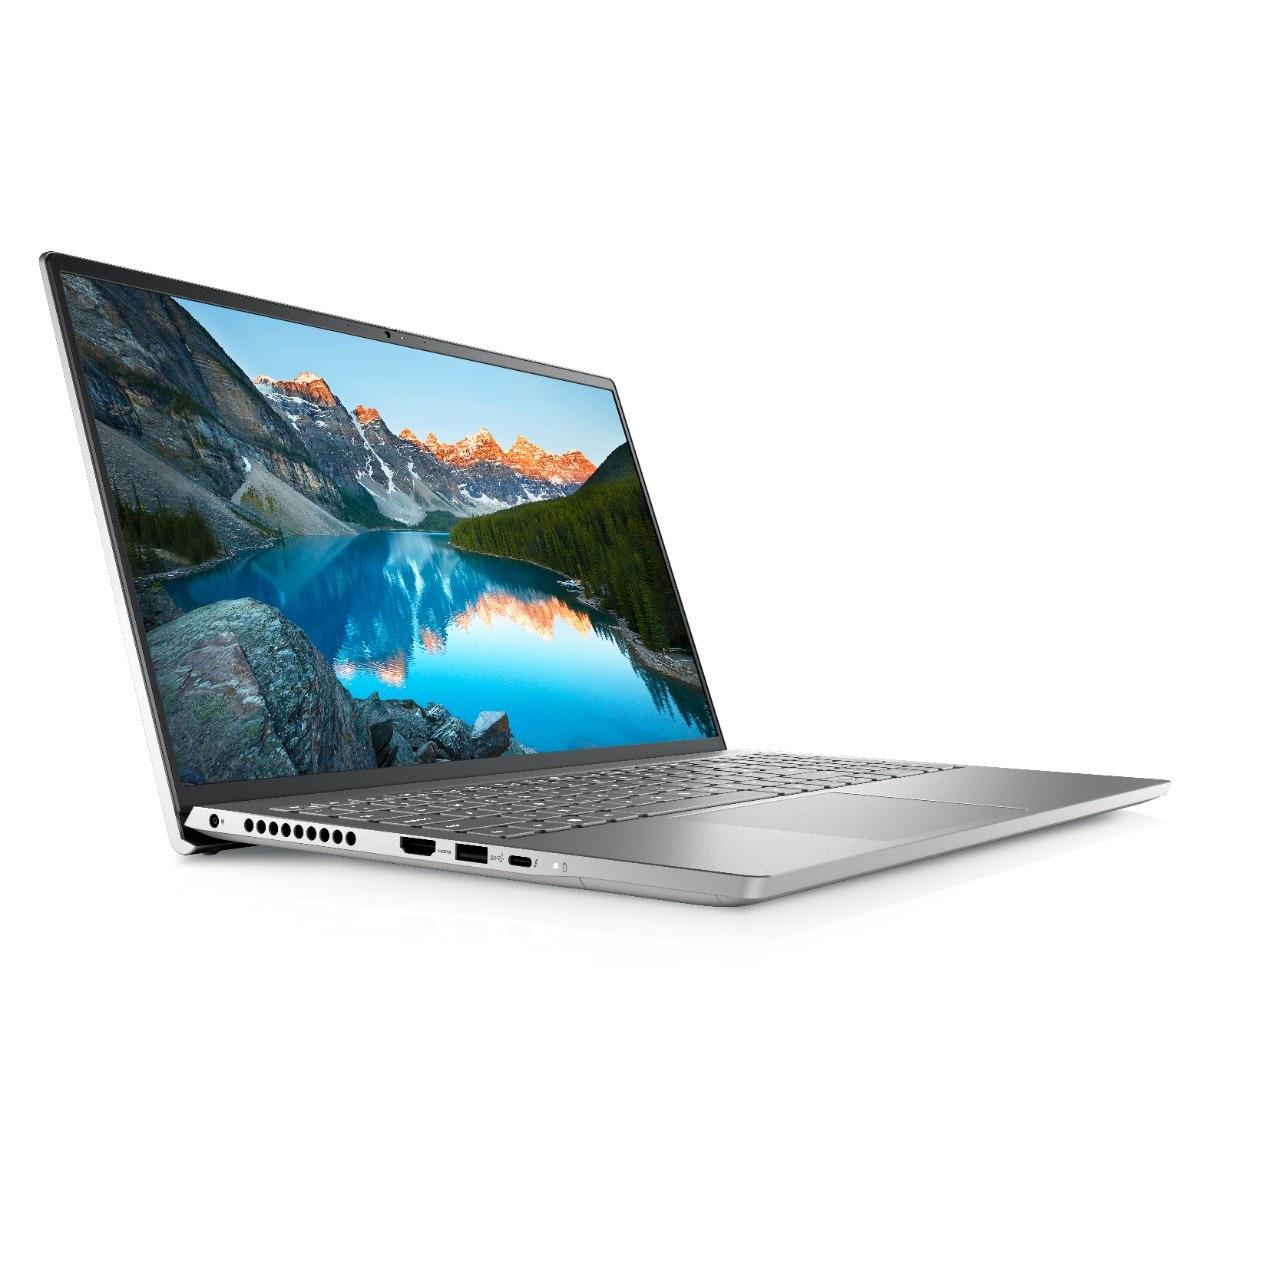 Les nouveaux ordinateurs portables Dell Inspiron Plus vous connectent au monde, de manière intelligente et élégante.